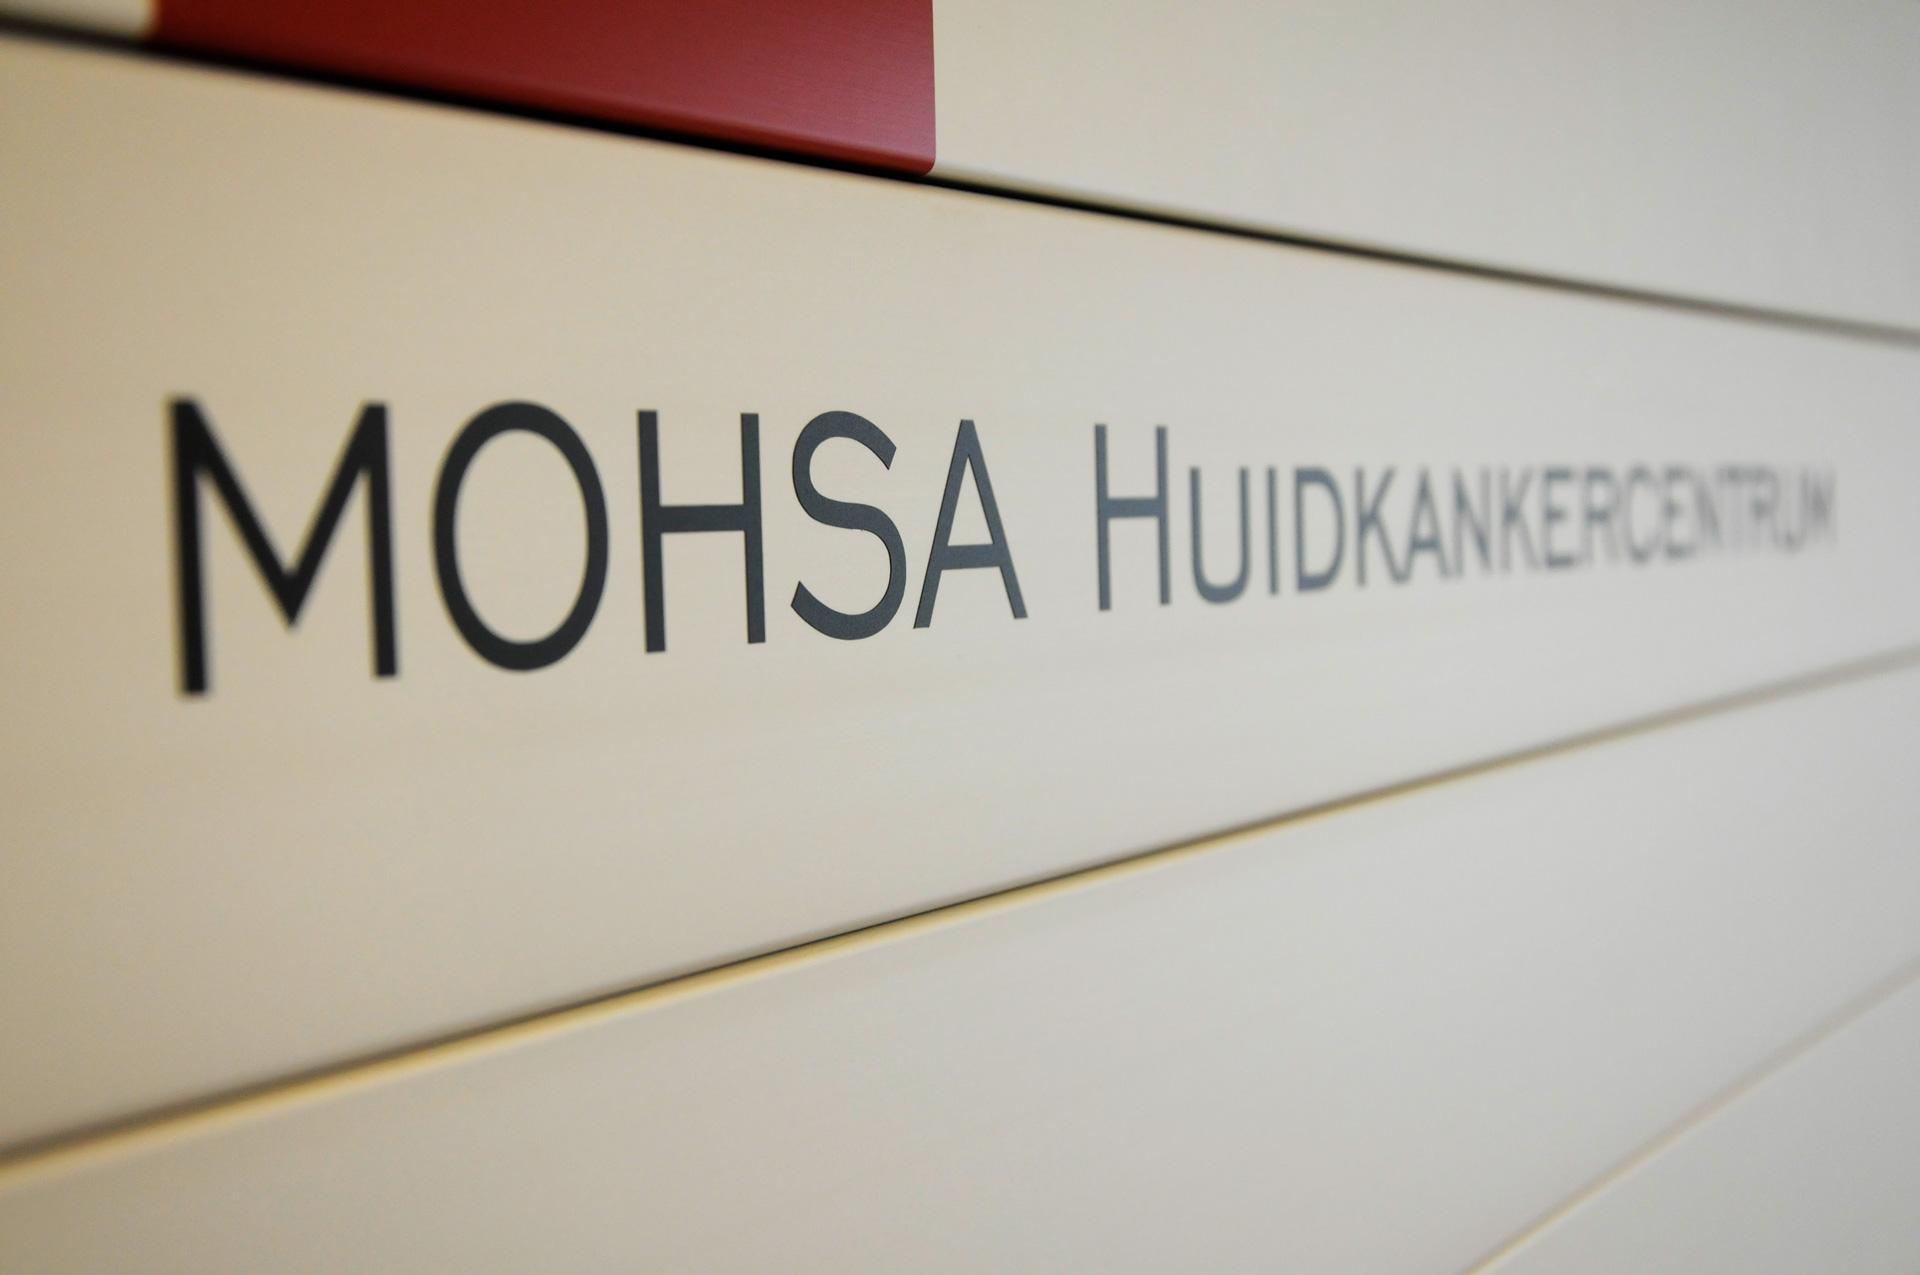 MohsA - MohsA Huidcentrum